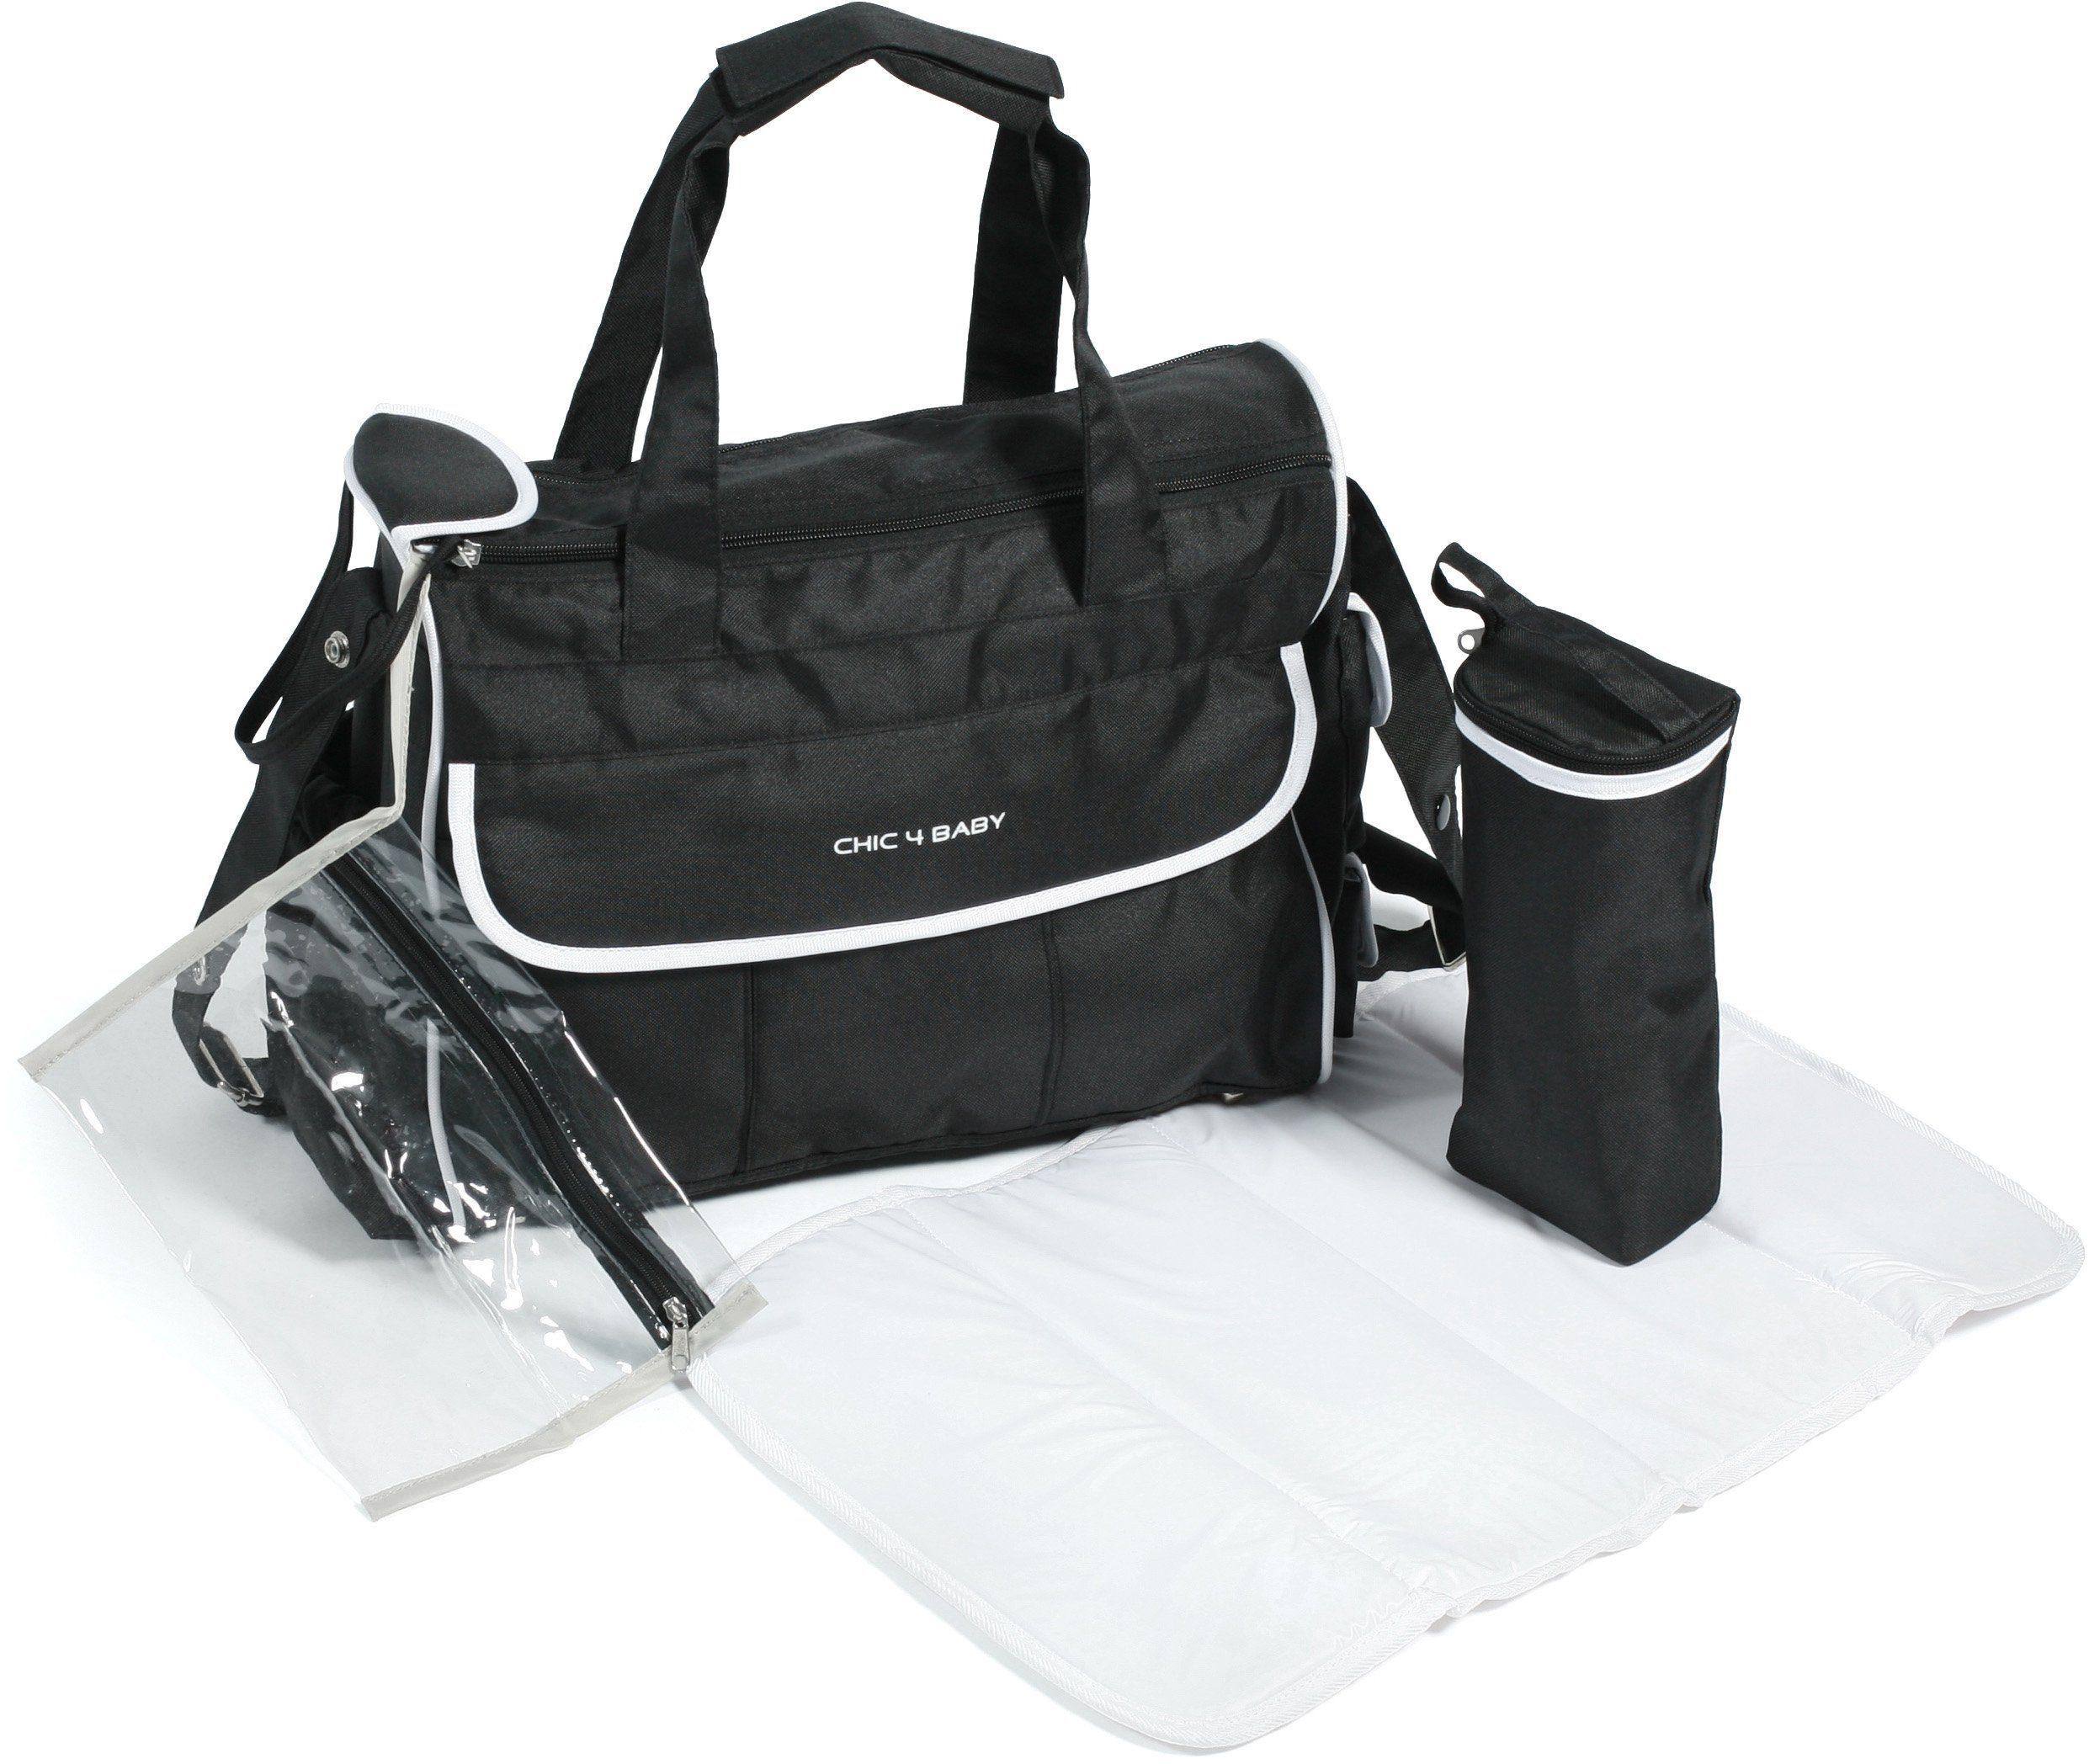 CHIC4BABY Wickeltasche mit umfangreicher Ausstattung, schwarz/weiß »LUXURY«